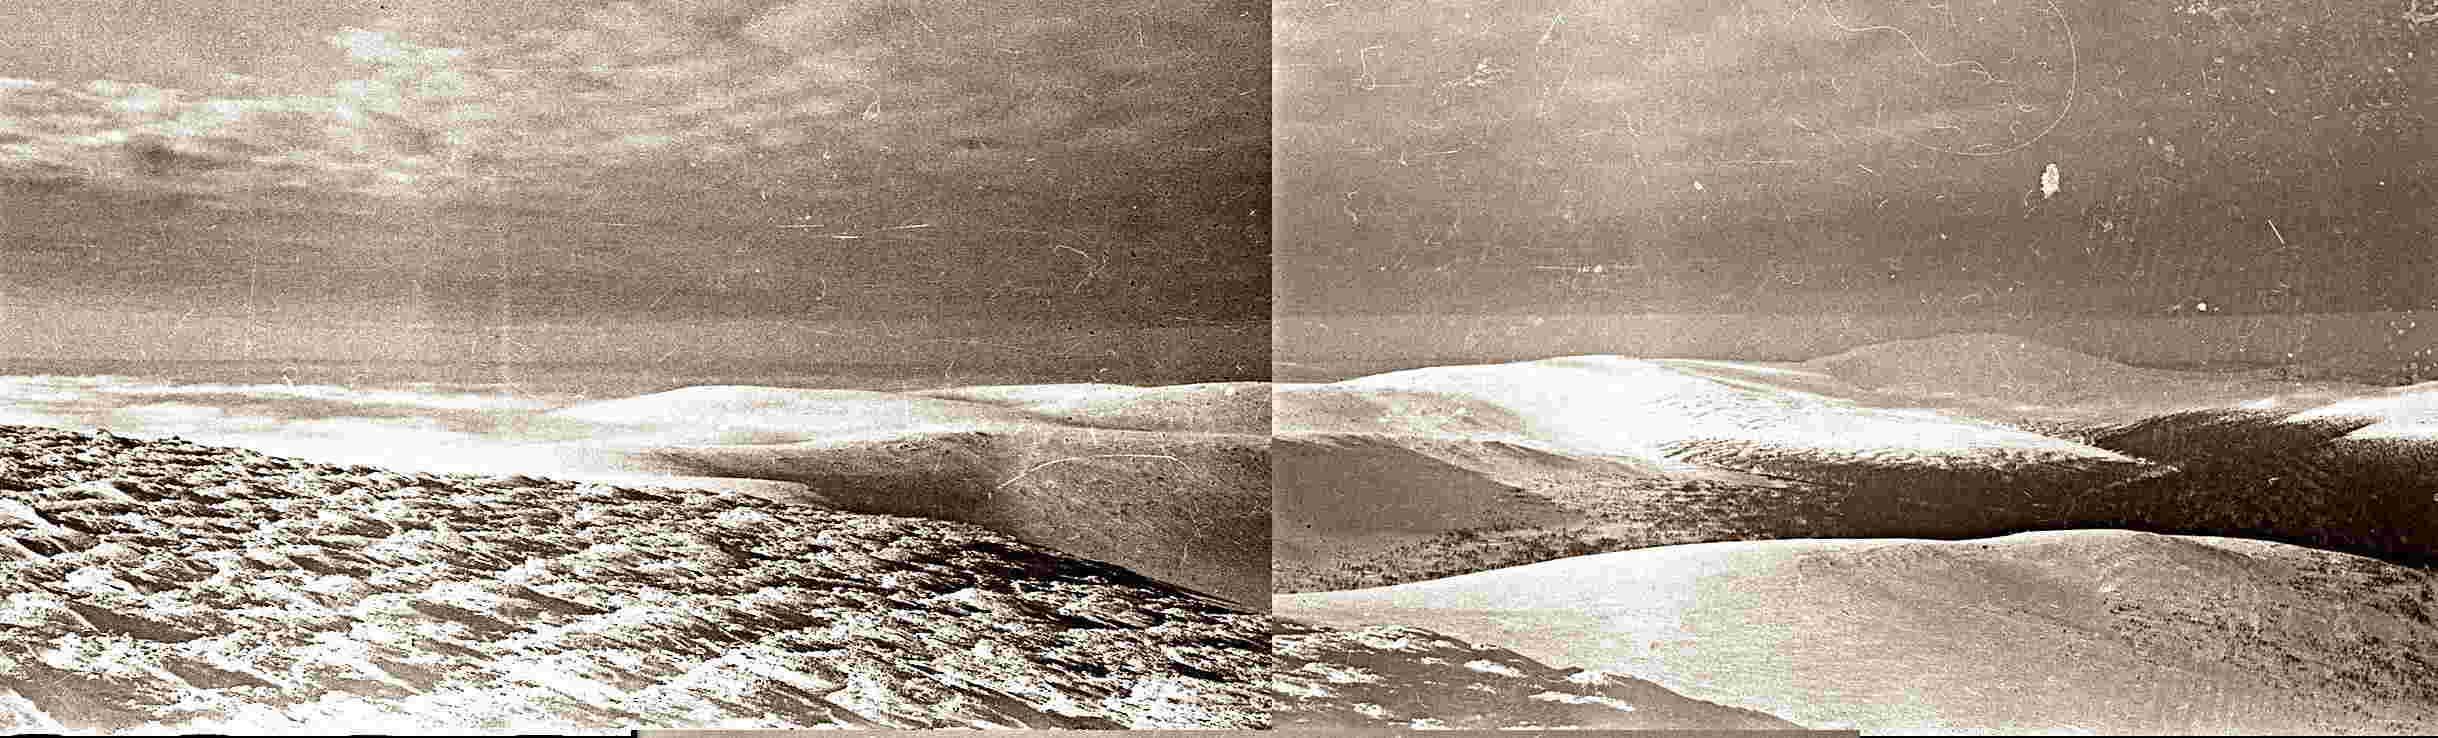 С западной стороны северного отрога горы Холатчахль видны участки с растаявшим и застывшим снегом.